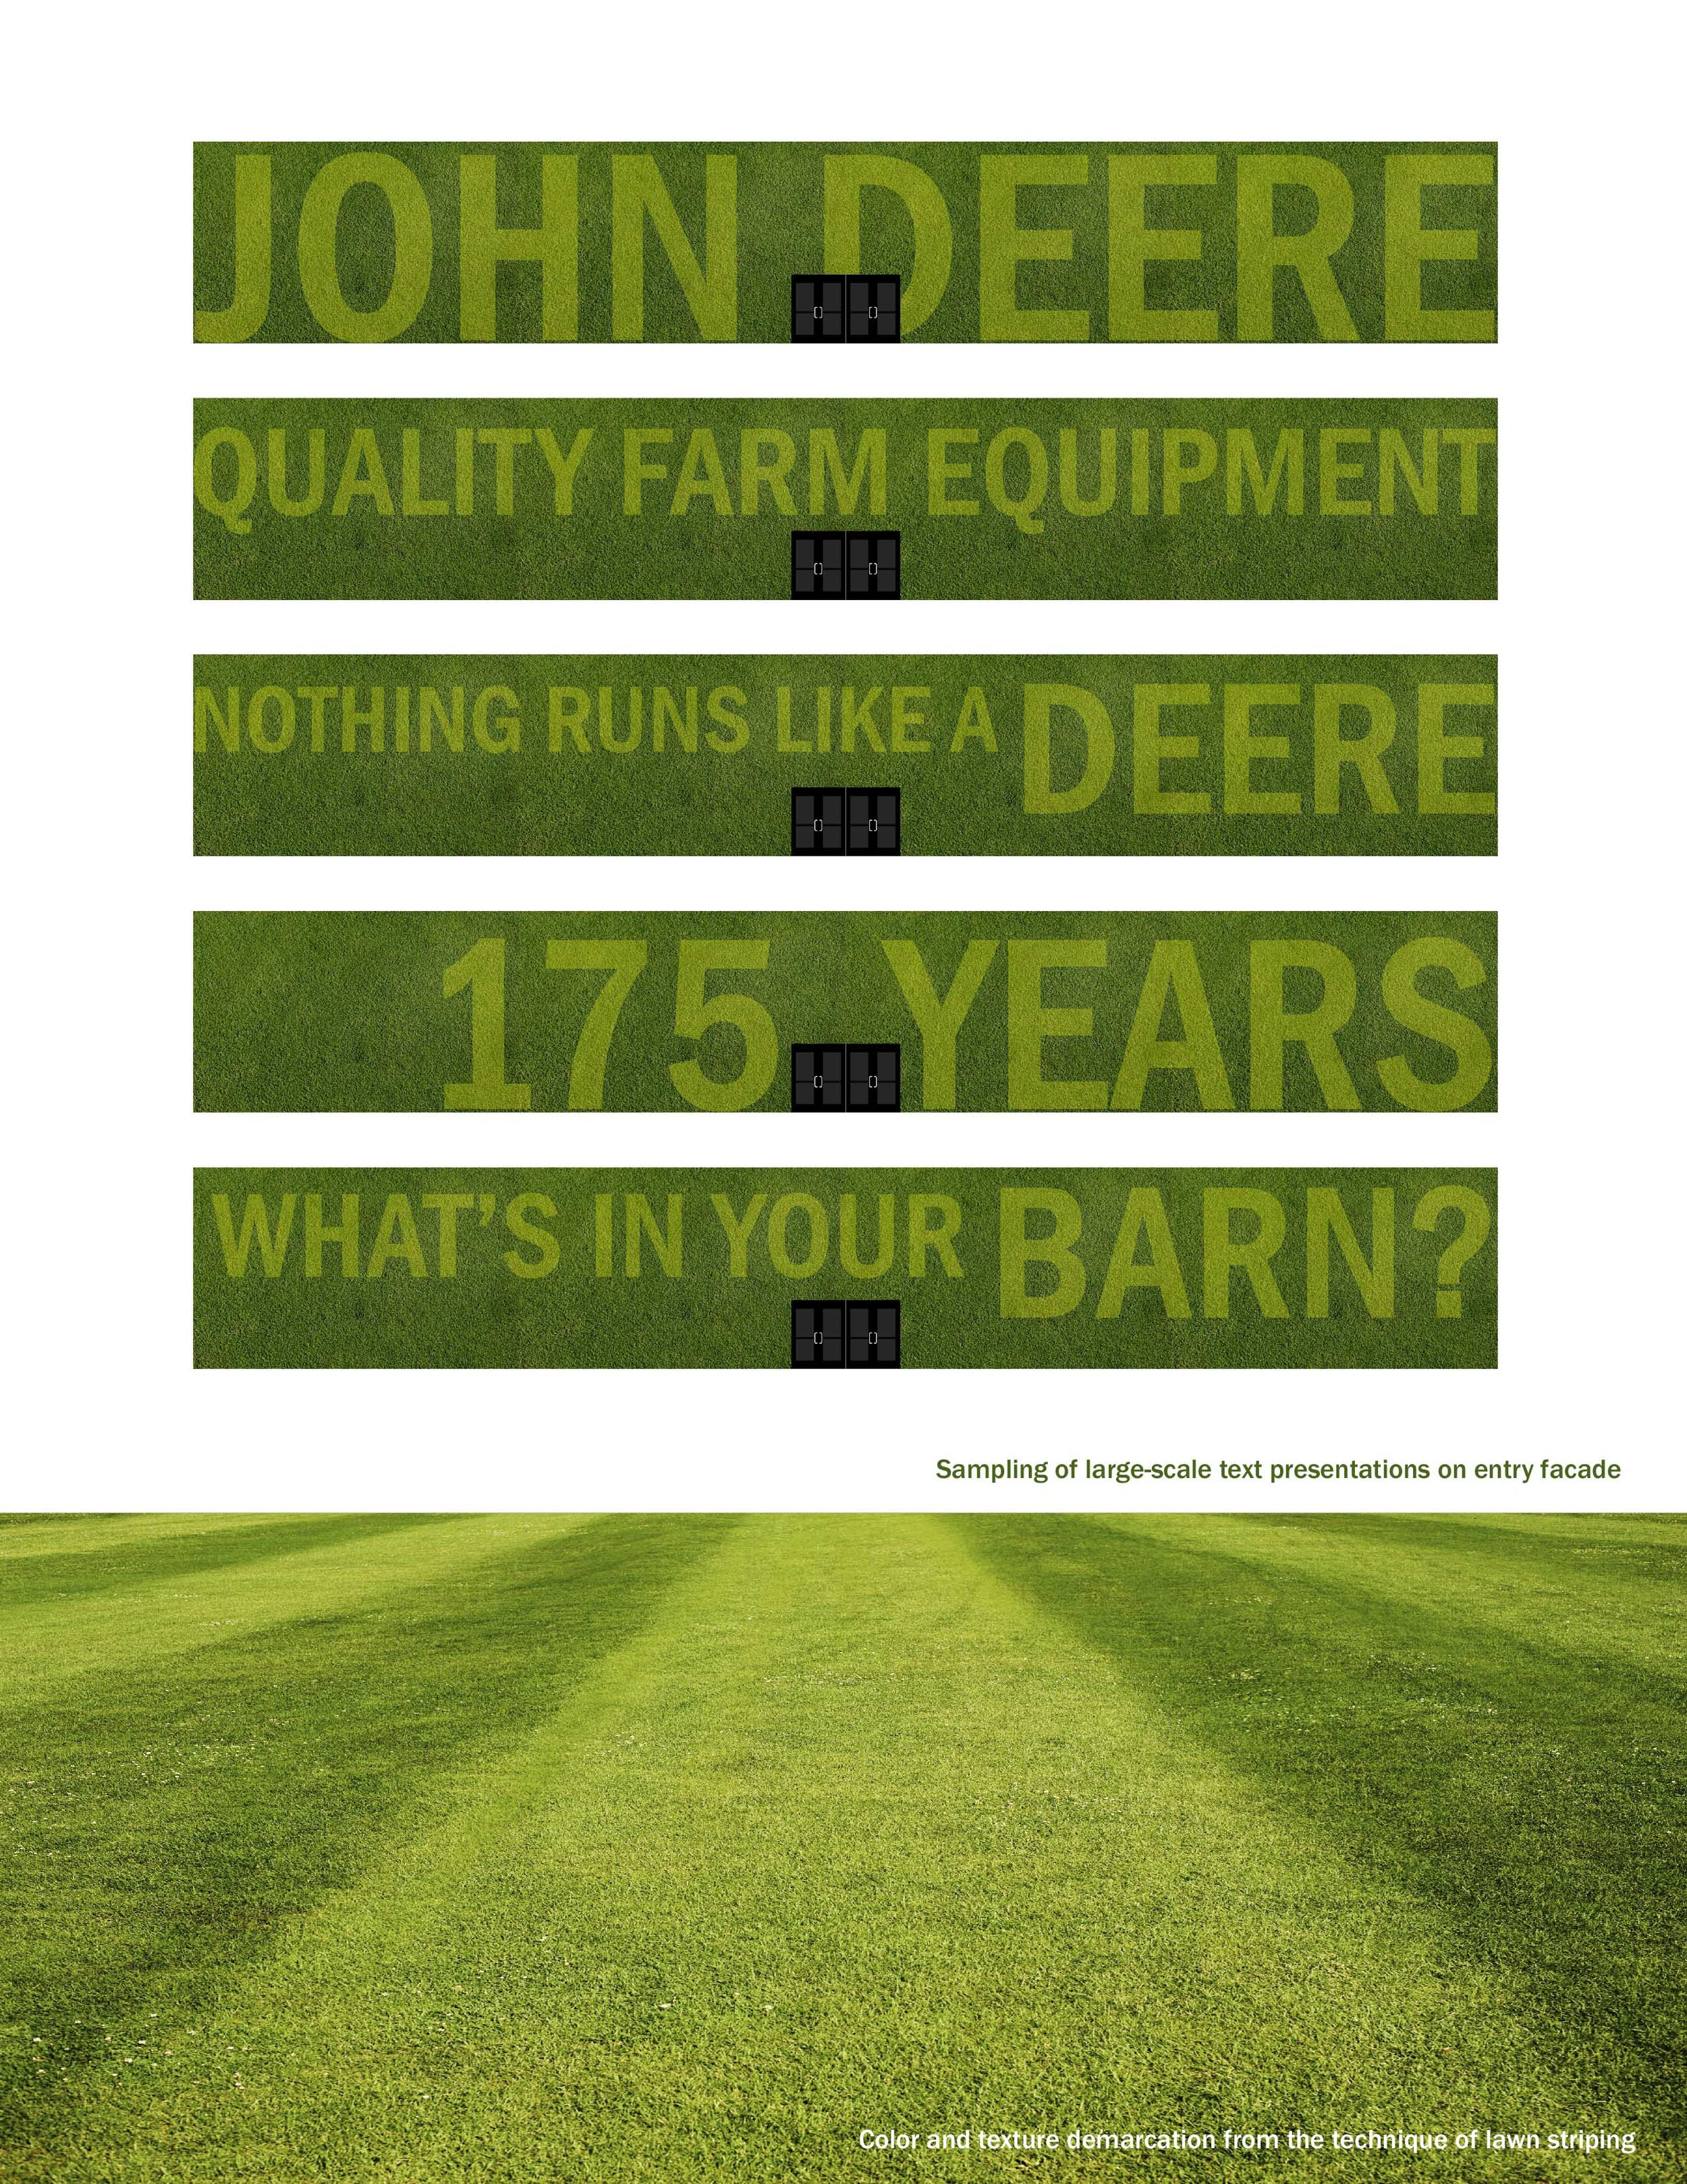 JOHN DEERE PAVILION ENTRY FACADE 3.jpg